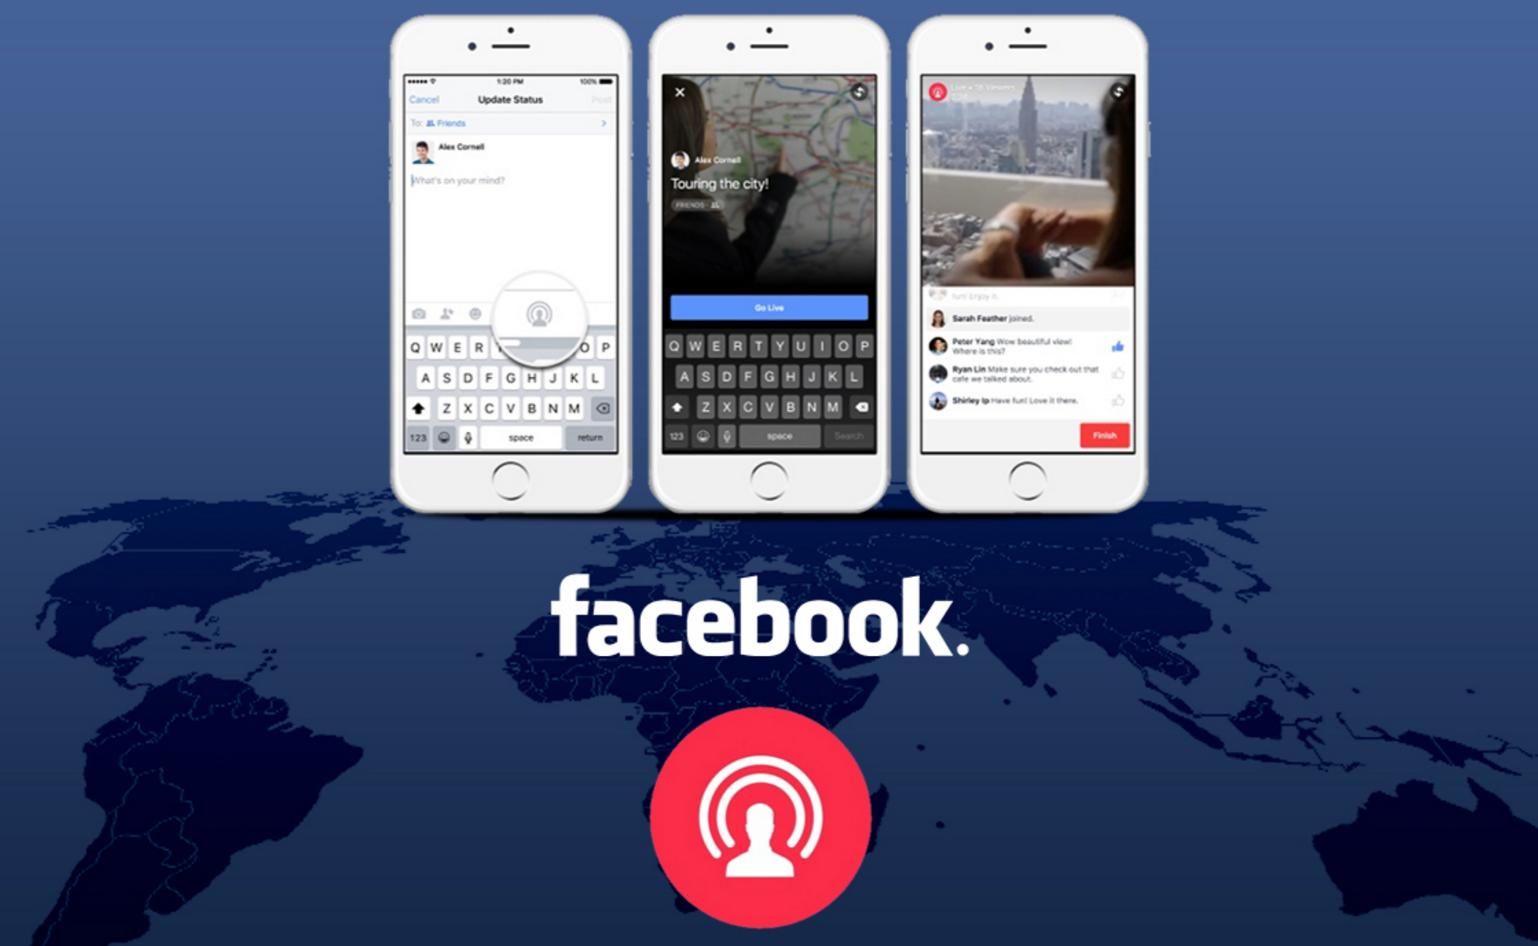 Facebook Canlı Yayın Özelliği Android Cihazlarda